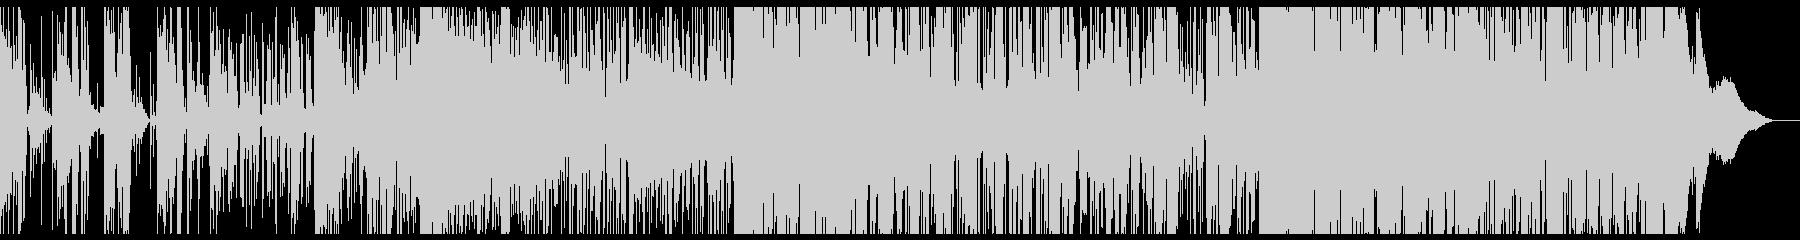 おどけたグリッチなテクスチャIDMの未再生の波形